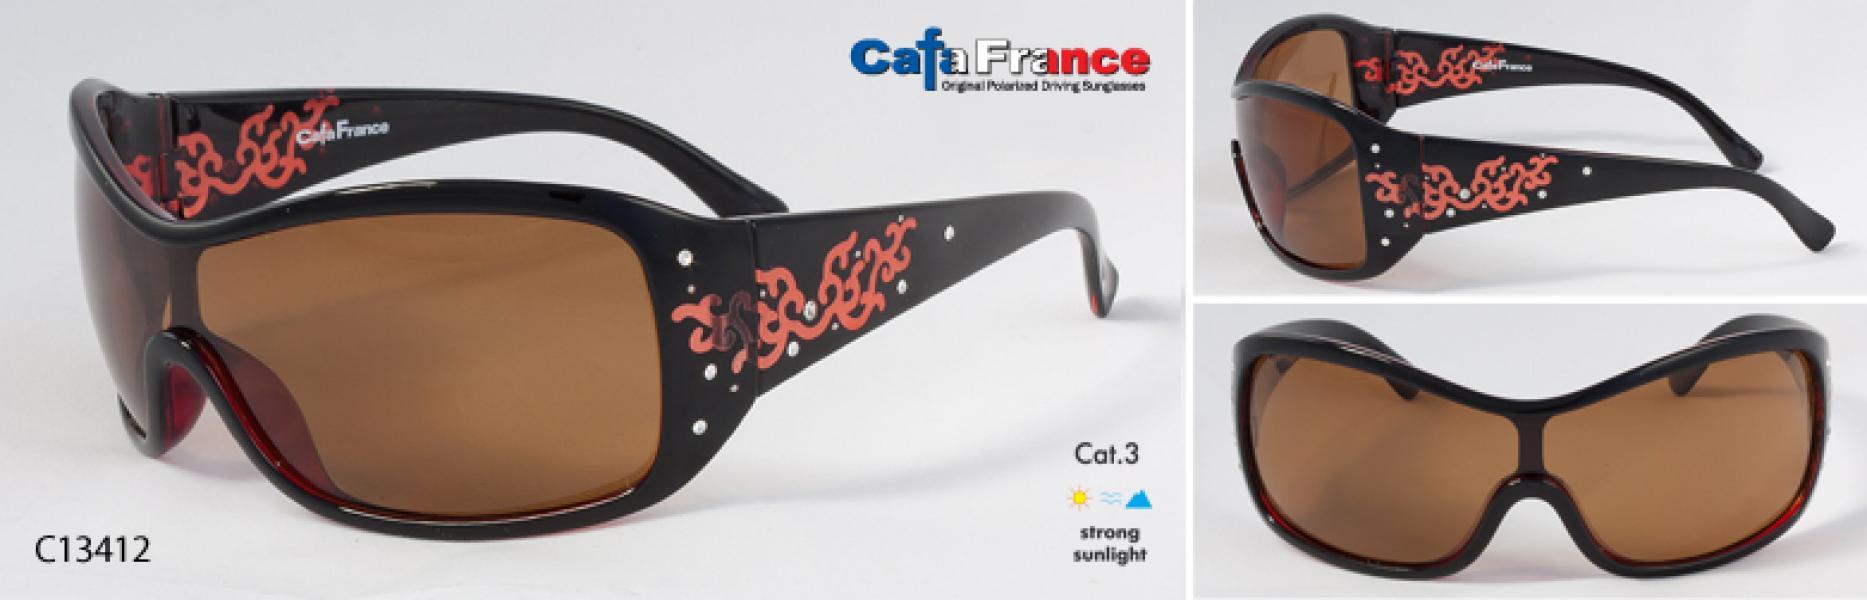 ���� ��������������� Cafa France ������� C13412